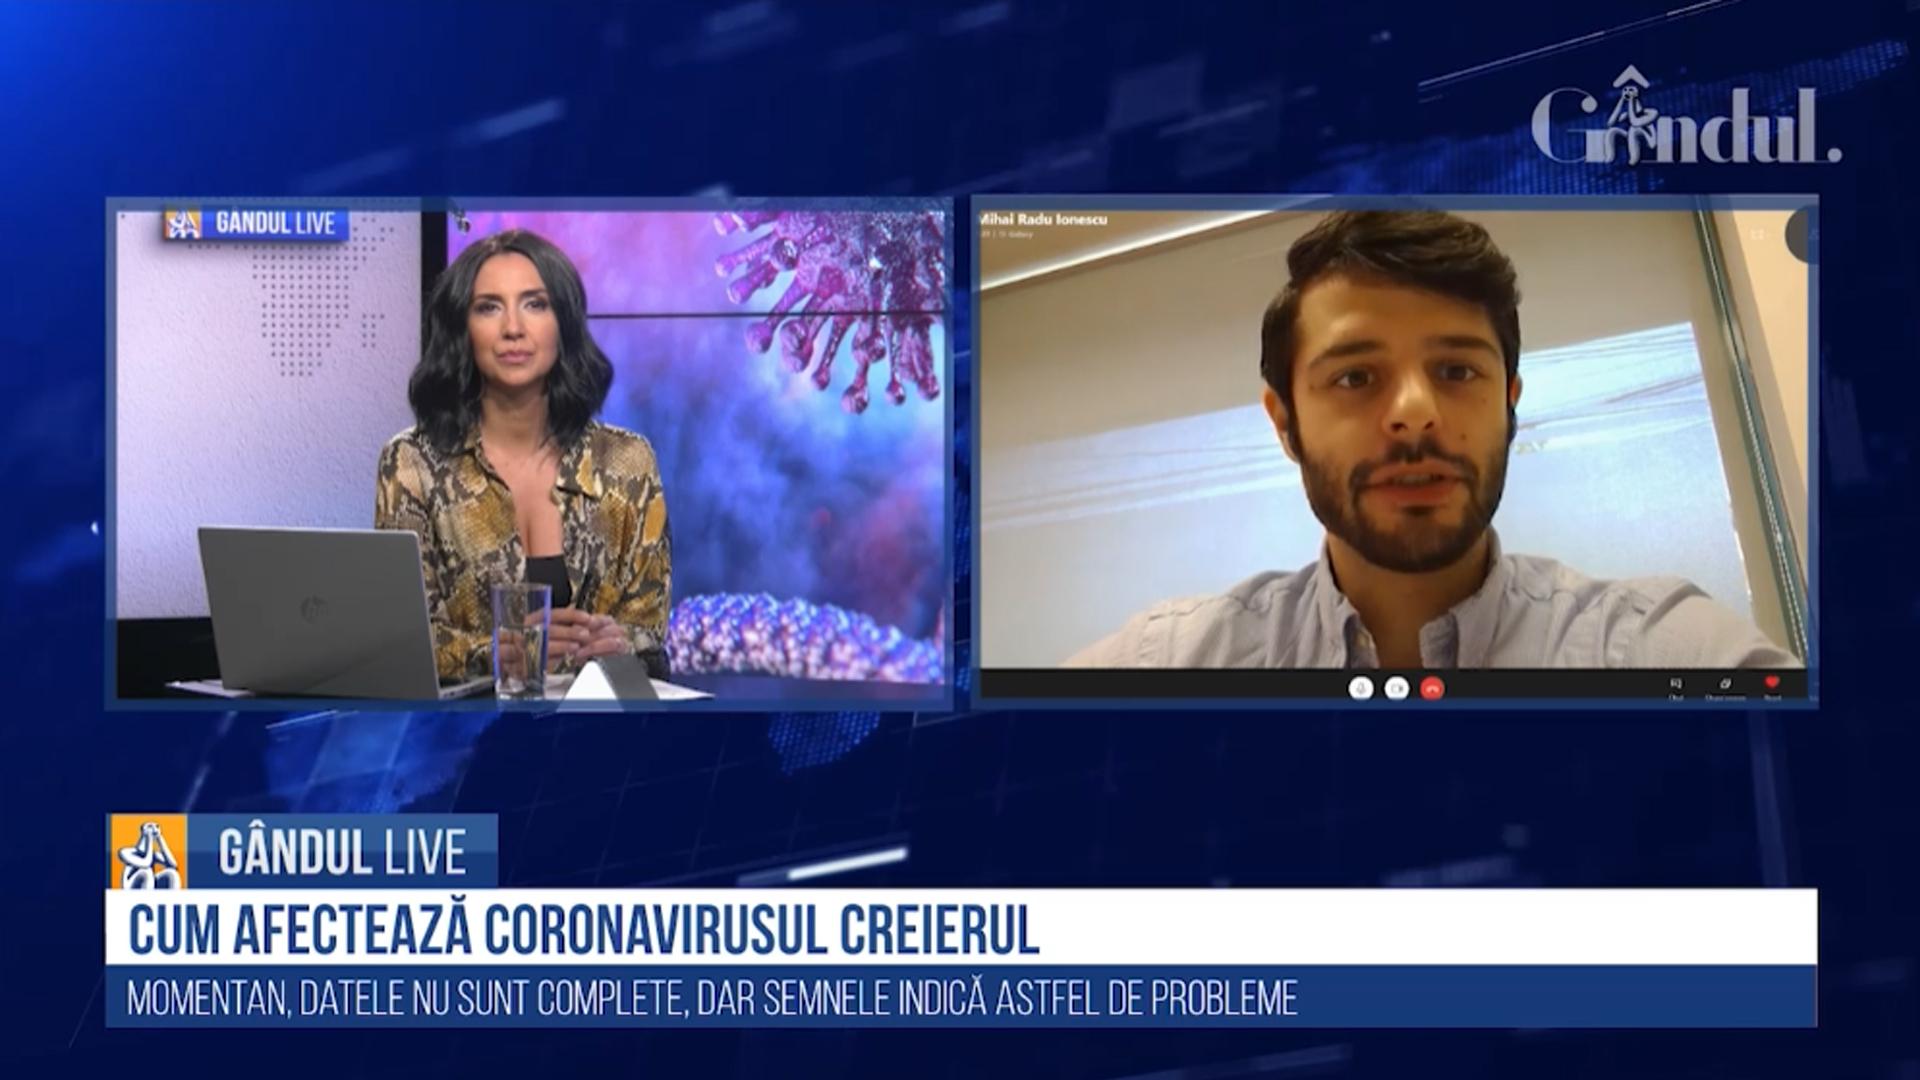 Gândul Live: Cum afectează coronavirusul creierul? Neurologul Mihai Ionescu